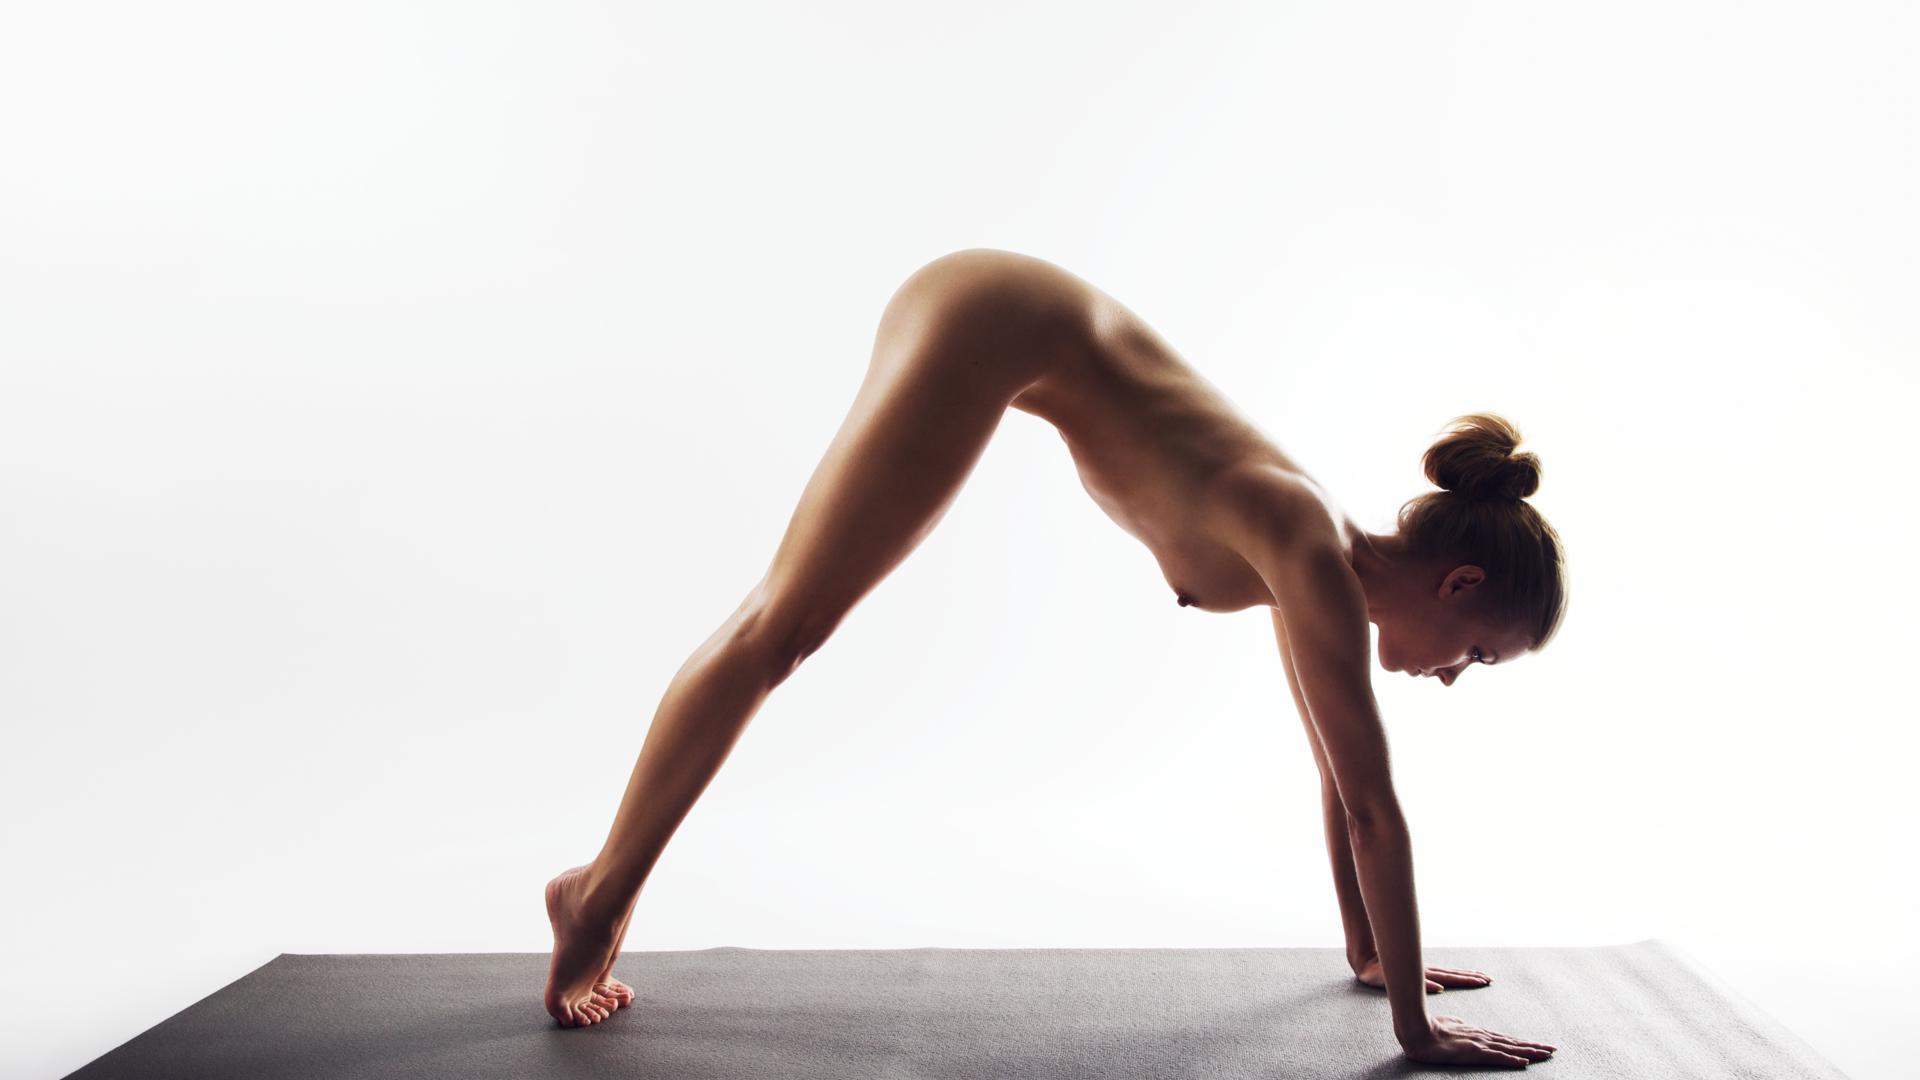 marisa hat nacktpornos gemacht